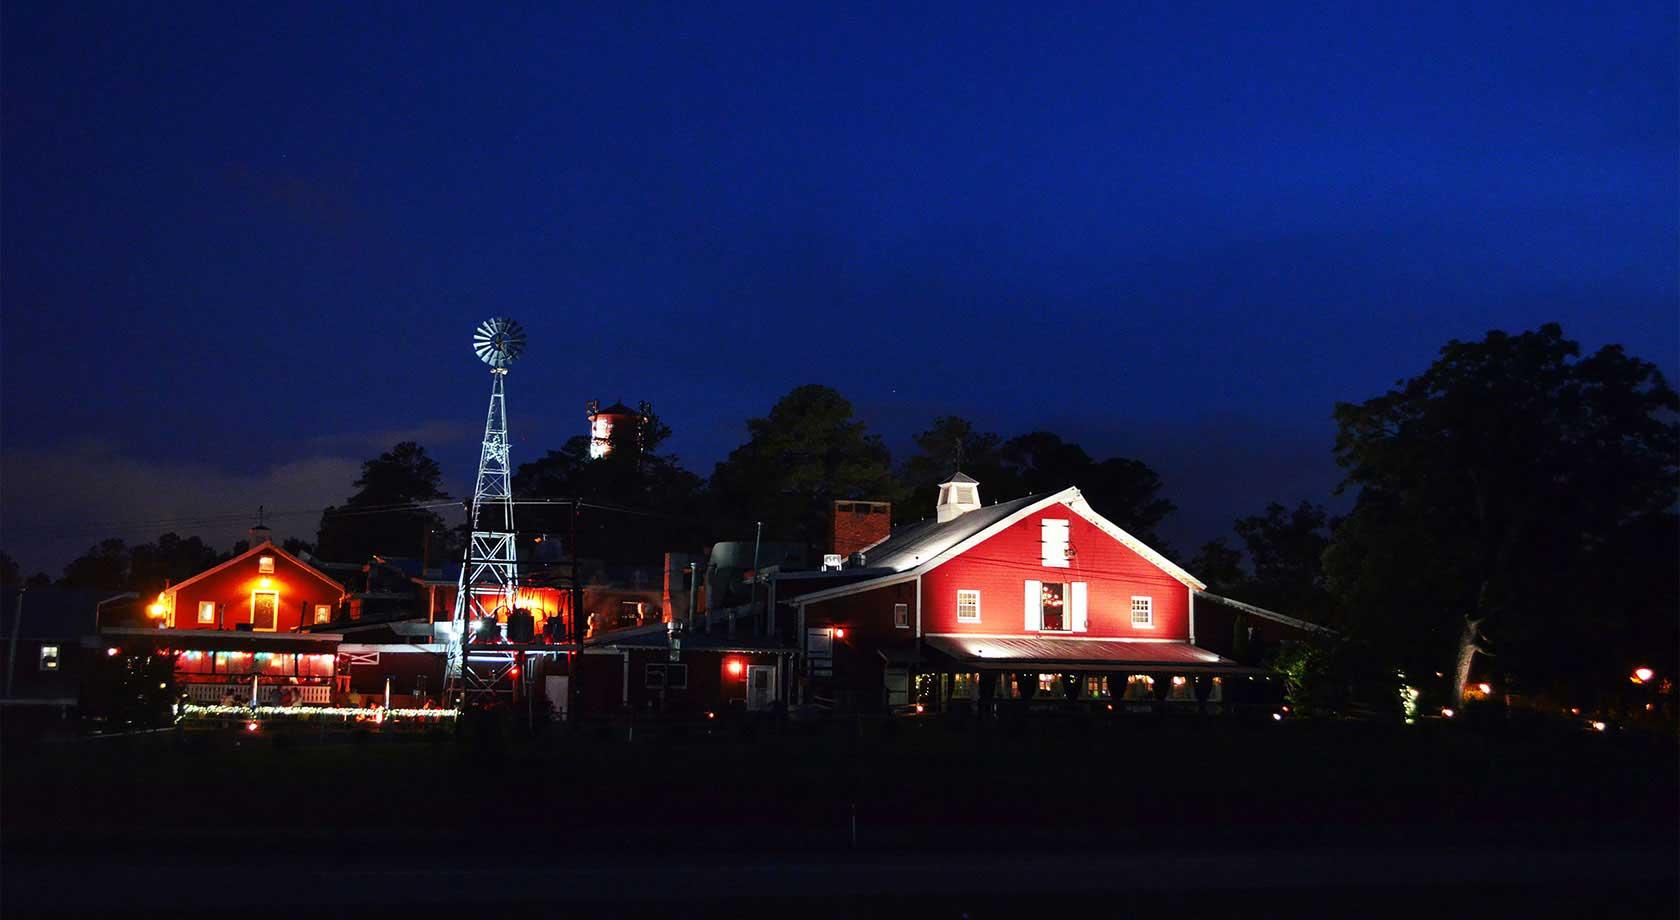 The Angus Barn Raleigh NC